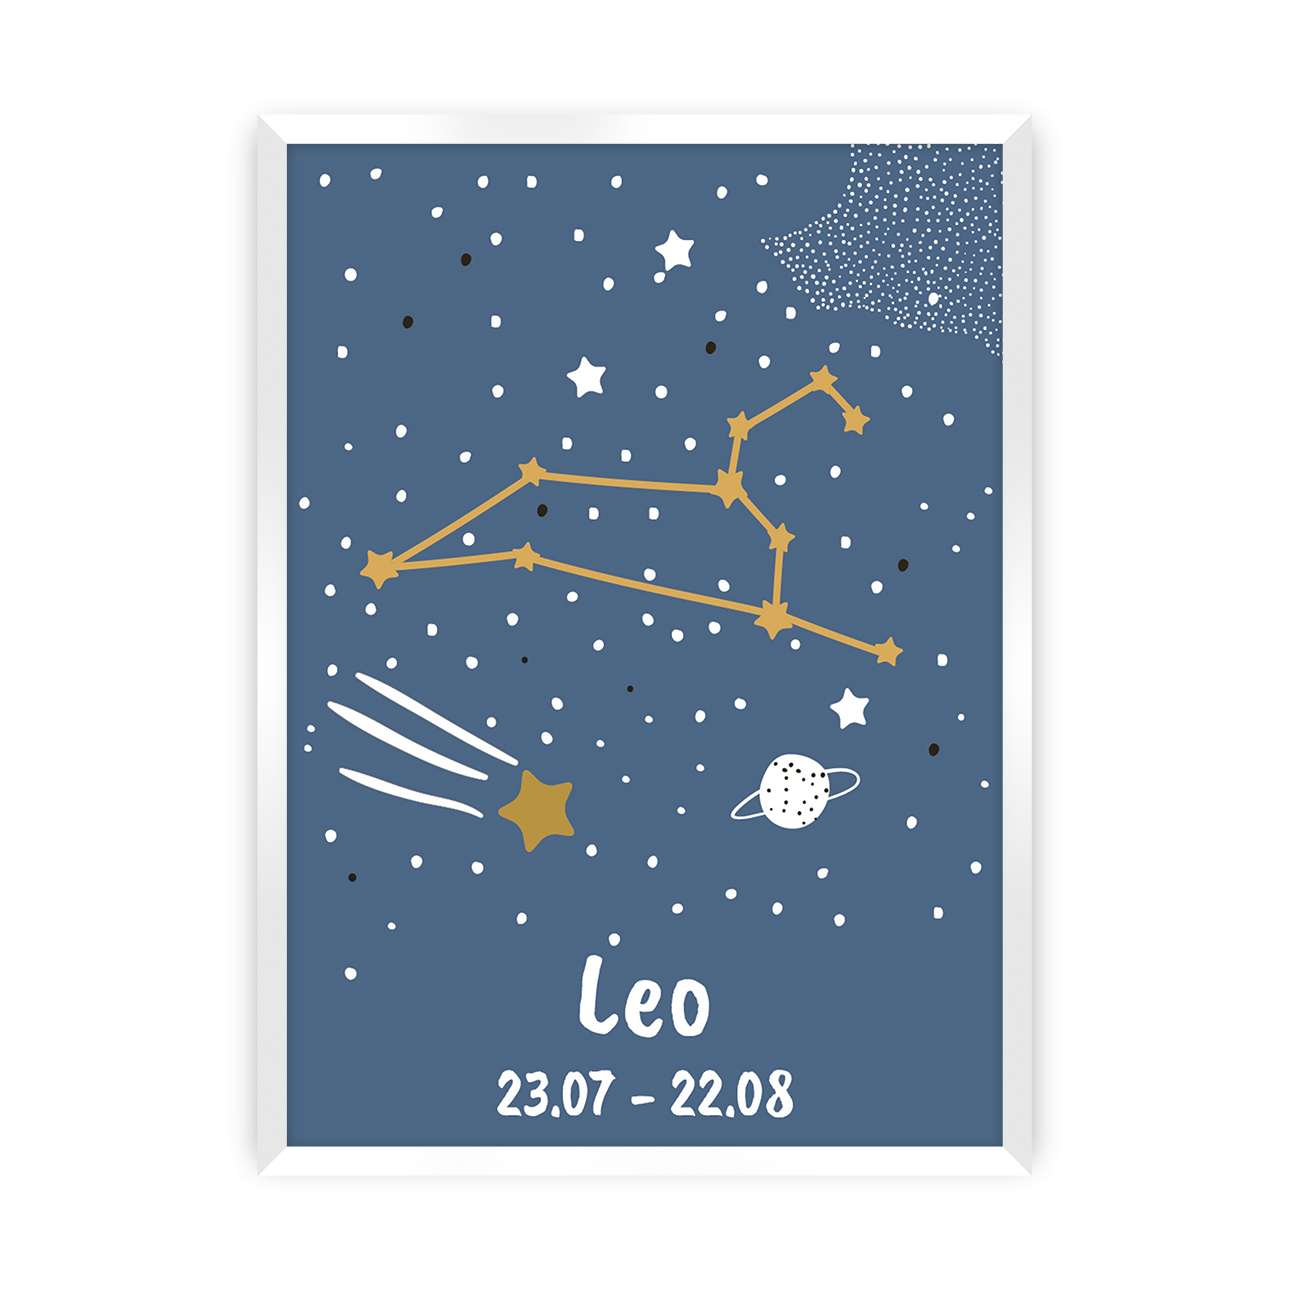 Zodiac Leo picture